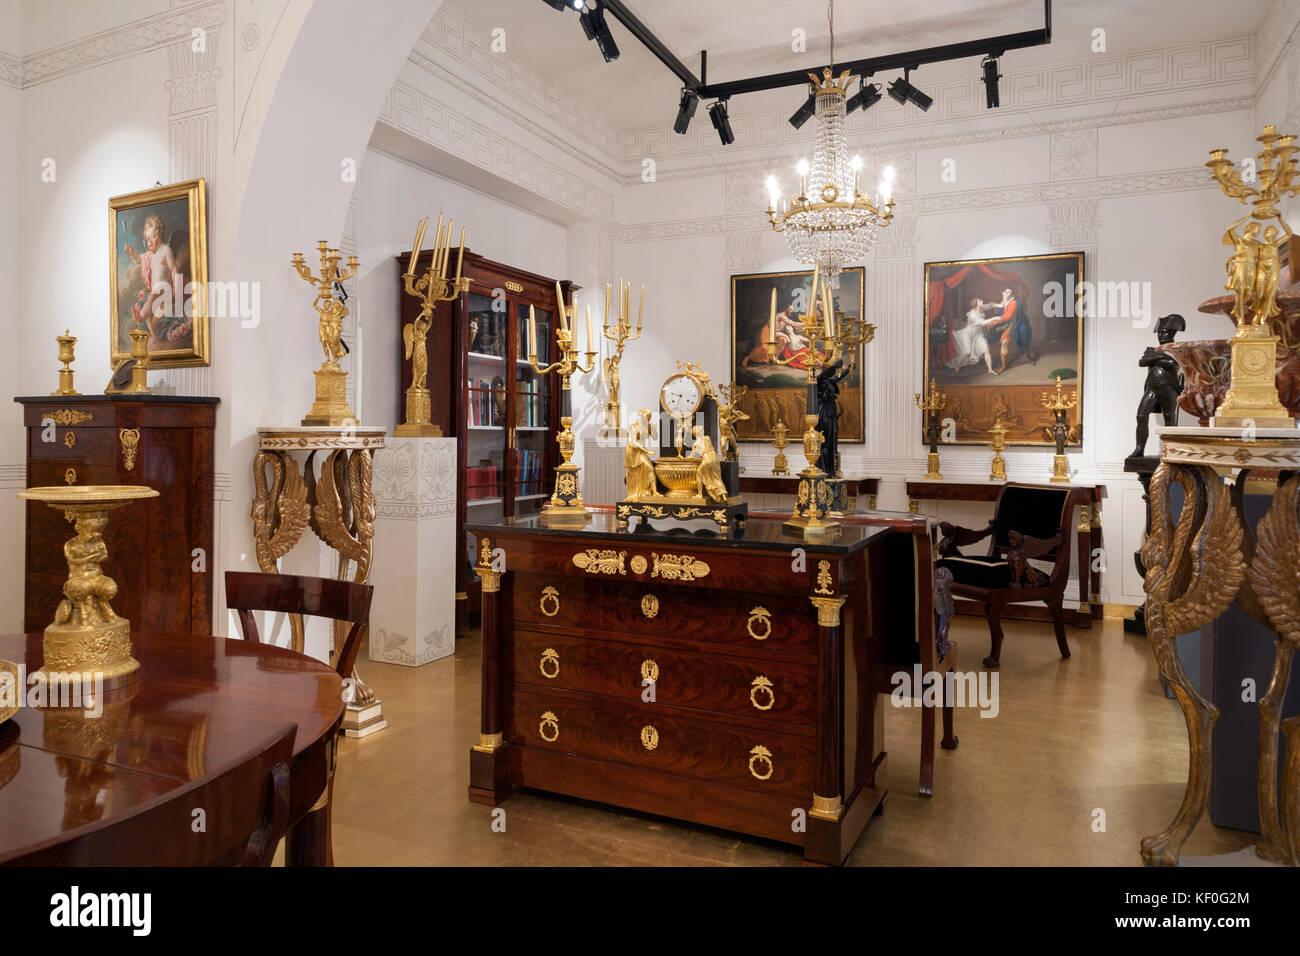 Negozio di antiquariato con stile impero mobili foto for Arredamento stile impero